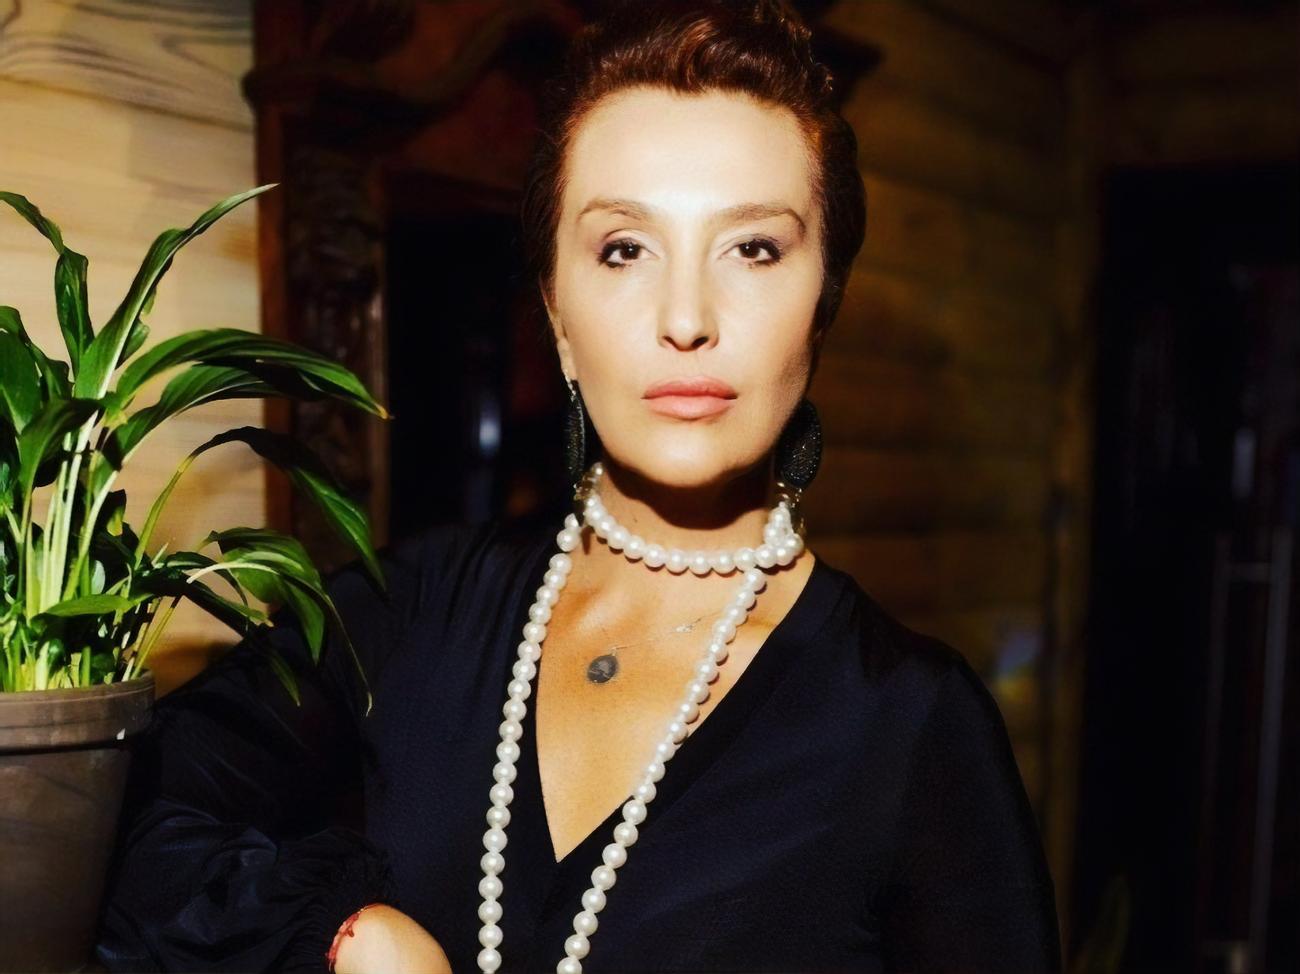 """Єгорова поскаржилася на погрози після скандалу з """"воїнами-селюками"""""""